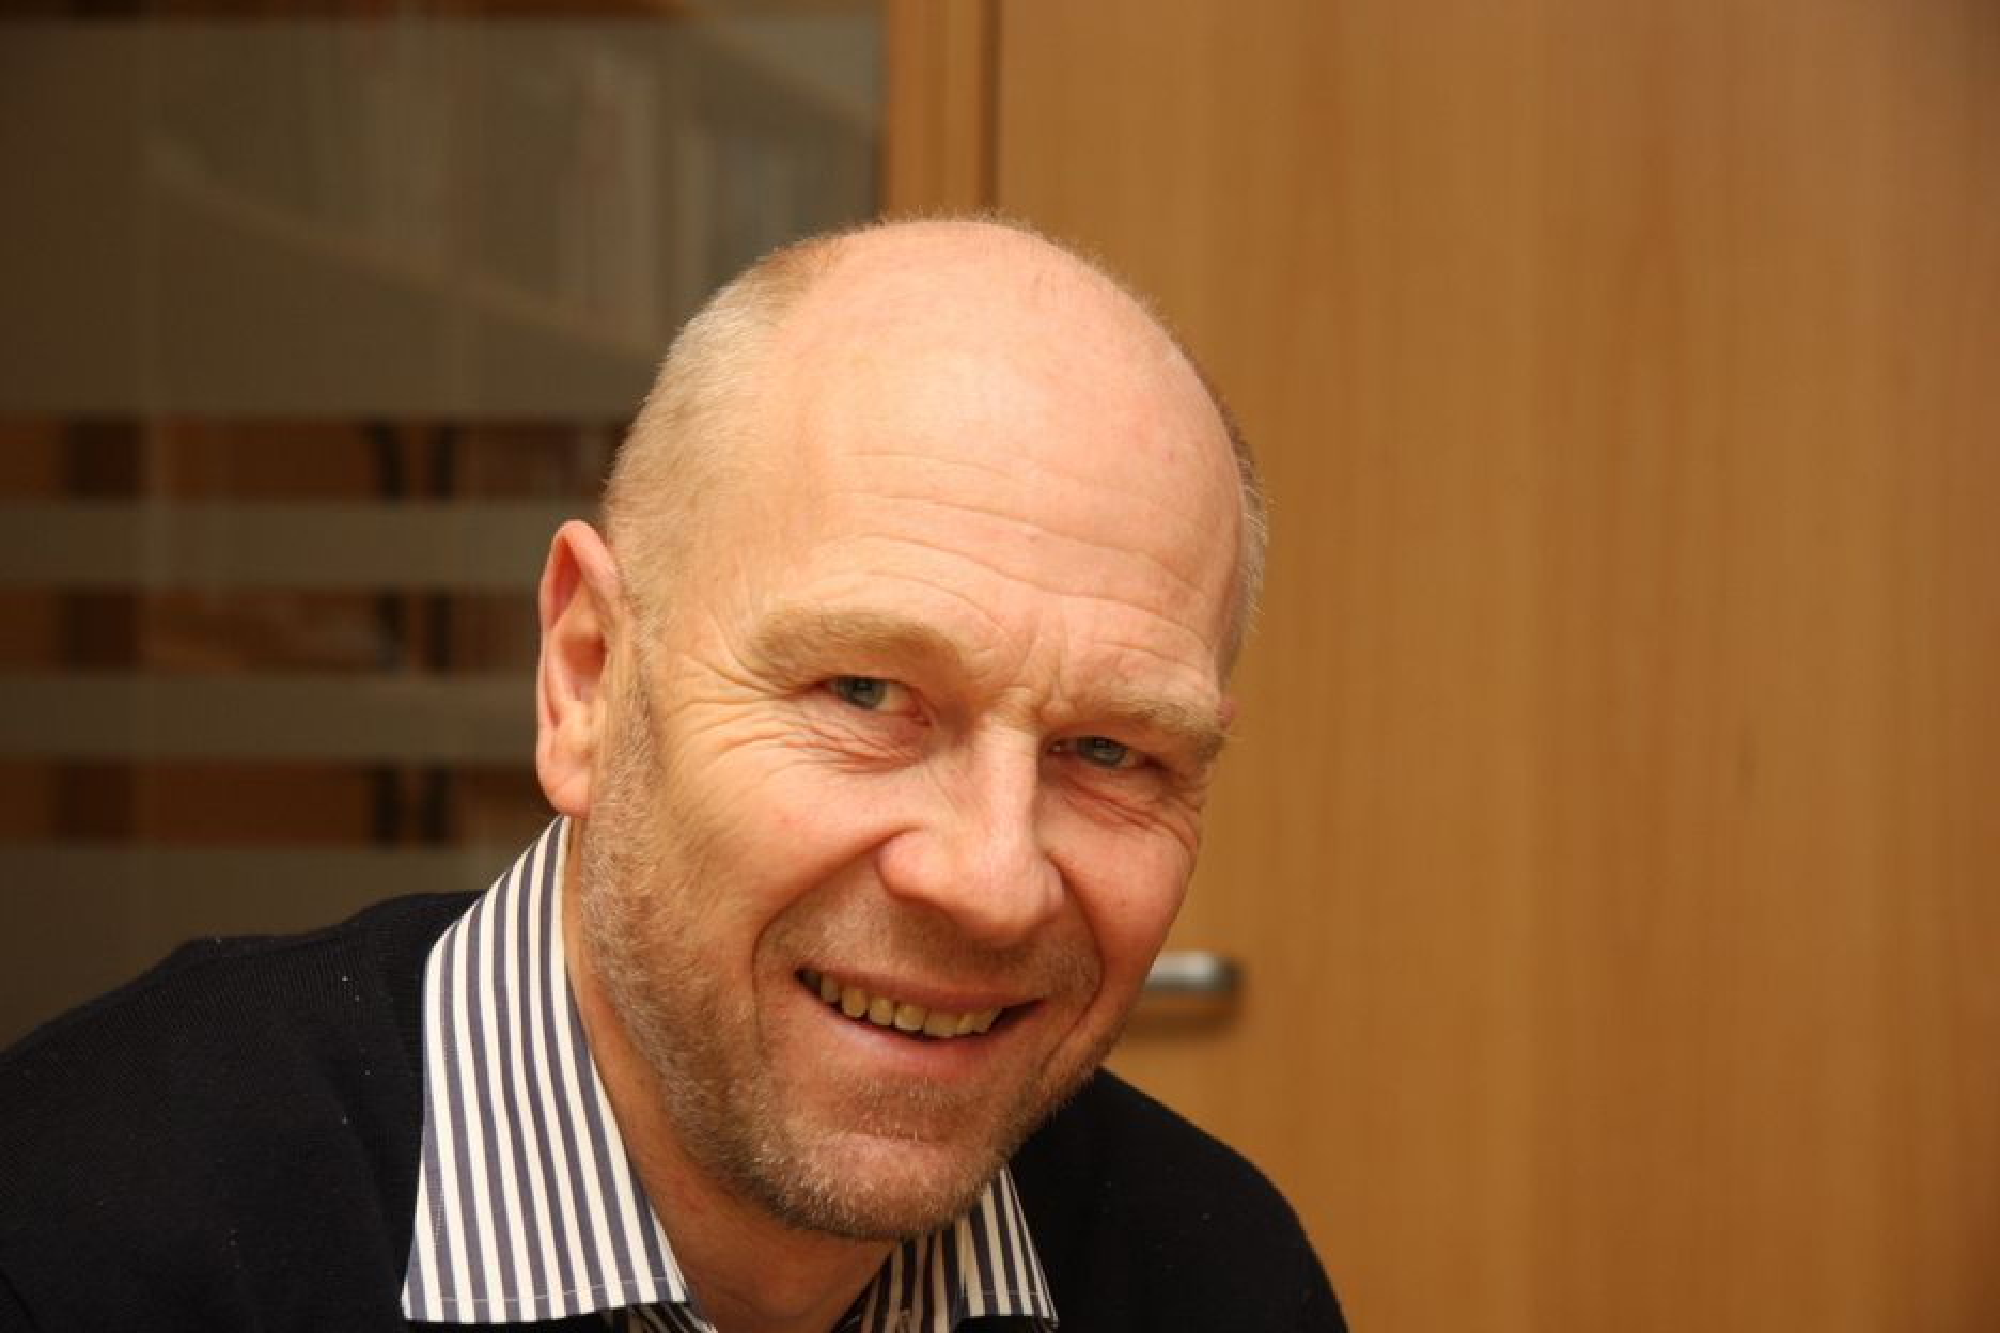 FORNØYD: Egil Skavang, administrerende direktør i Arkitektbedriftenen kan ønske Narud Stokke Wiig velkommen som medlem.